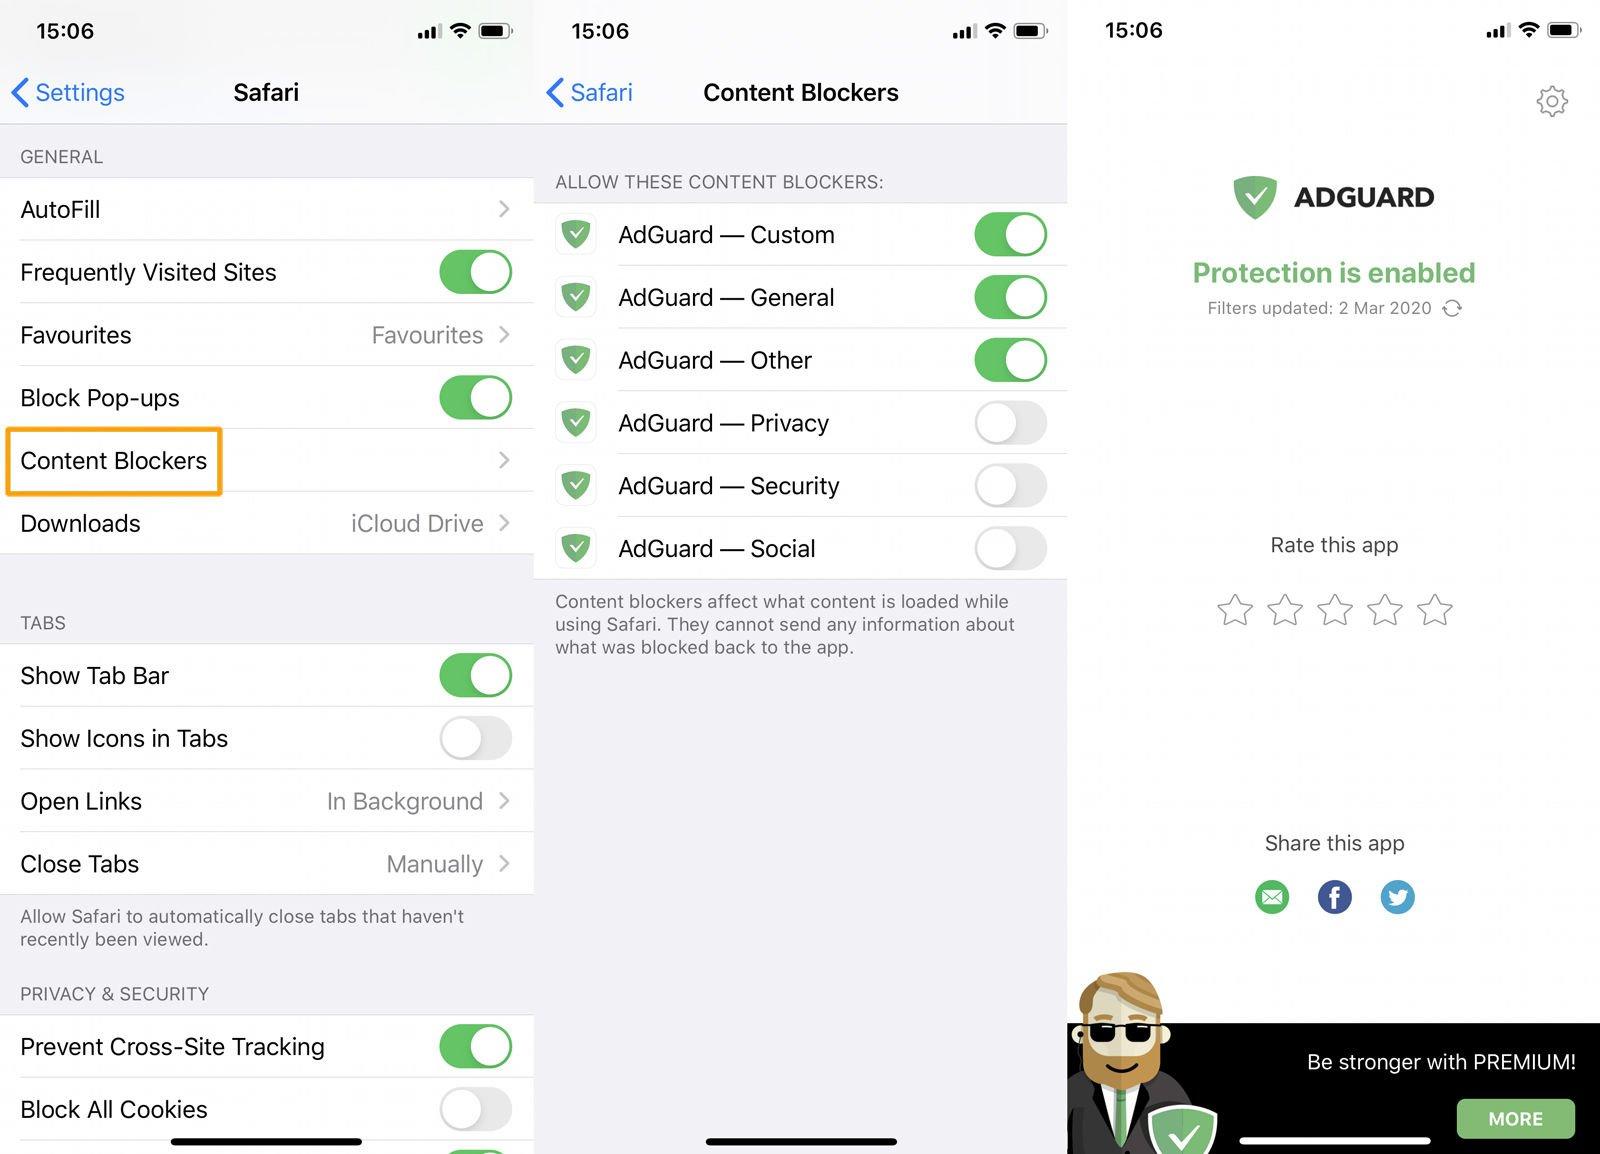 Cómo bloquear anuncios en iPhone y iPad: permisos de AdGuard